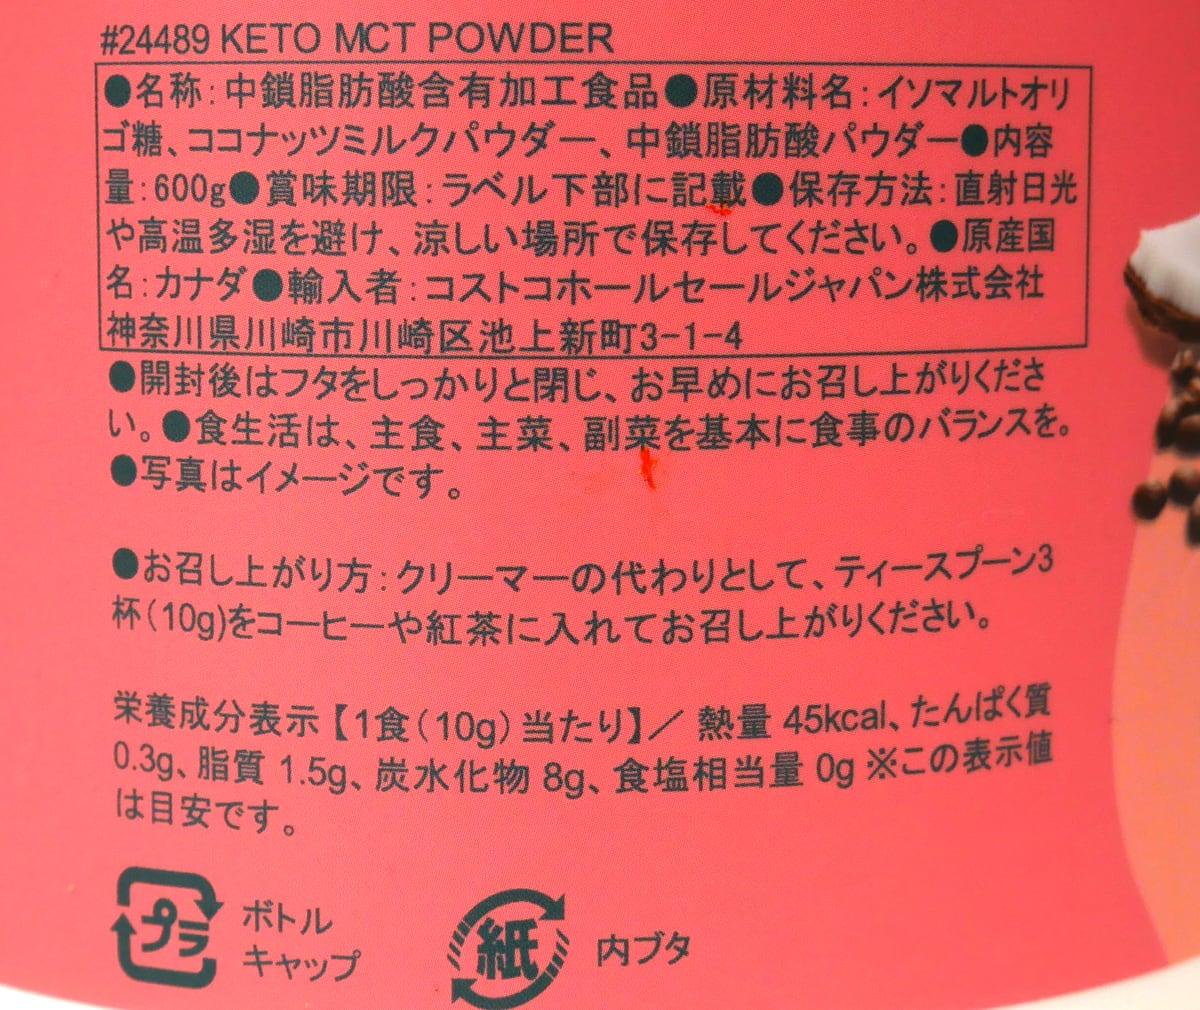 オーガニカ ケト MCTパウダー 600g 裏面ラベル(原材料・カロリーほか)